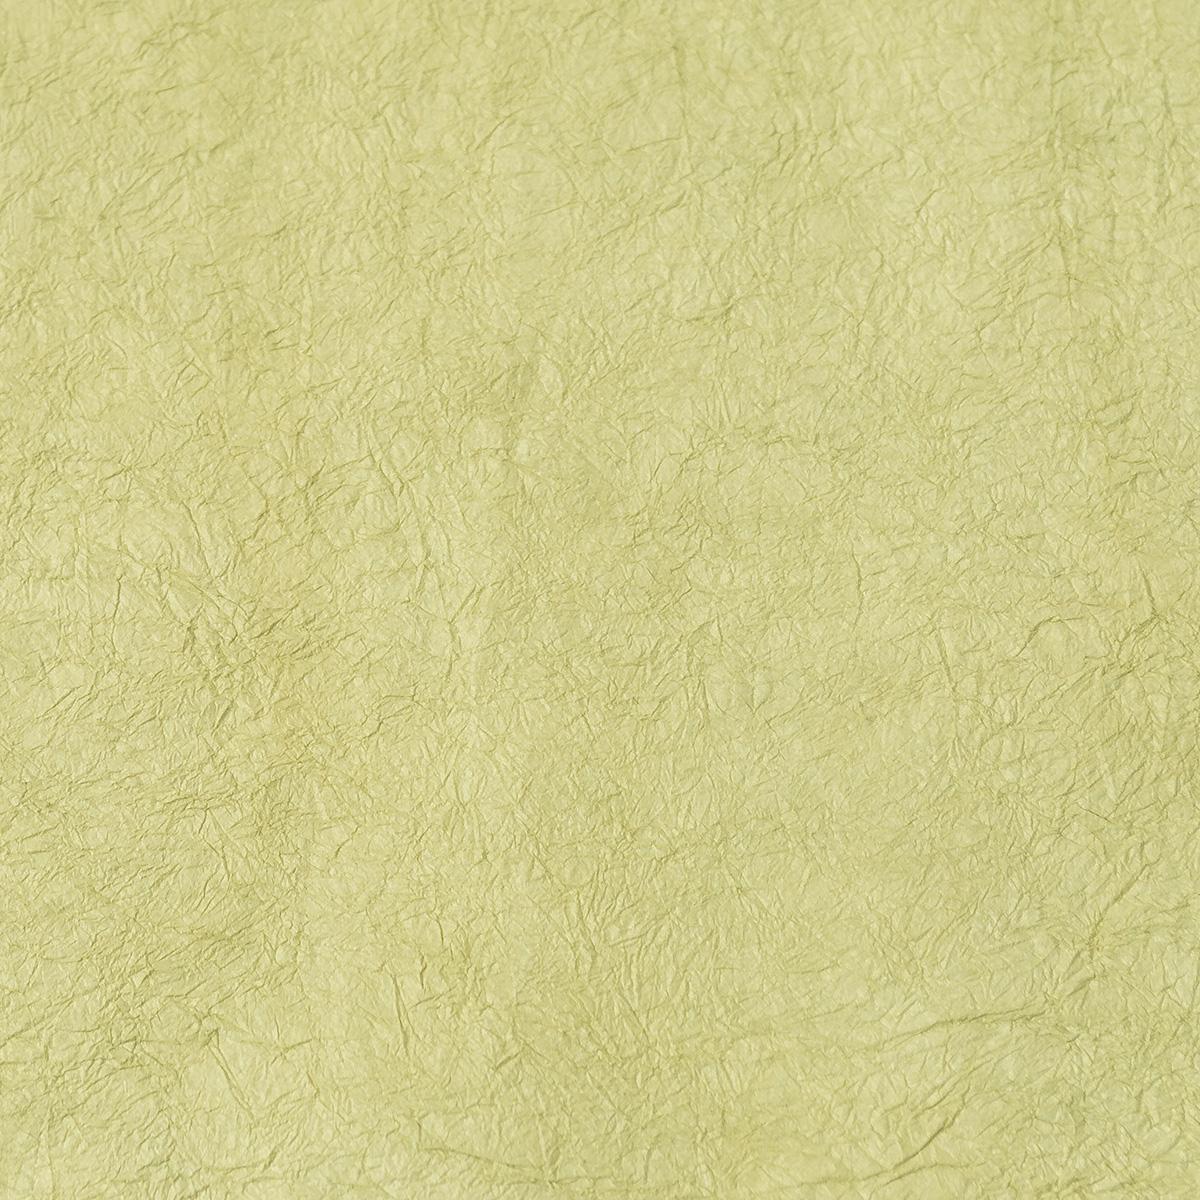 王朝のそめいろ 薄口 26番 白橡